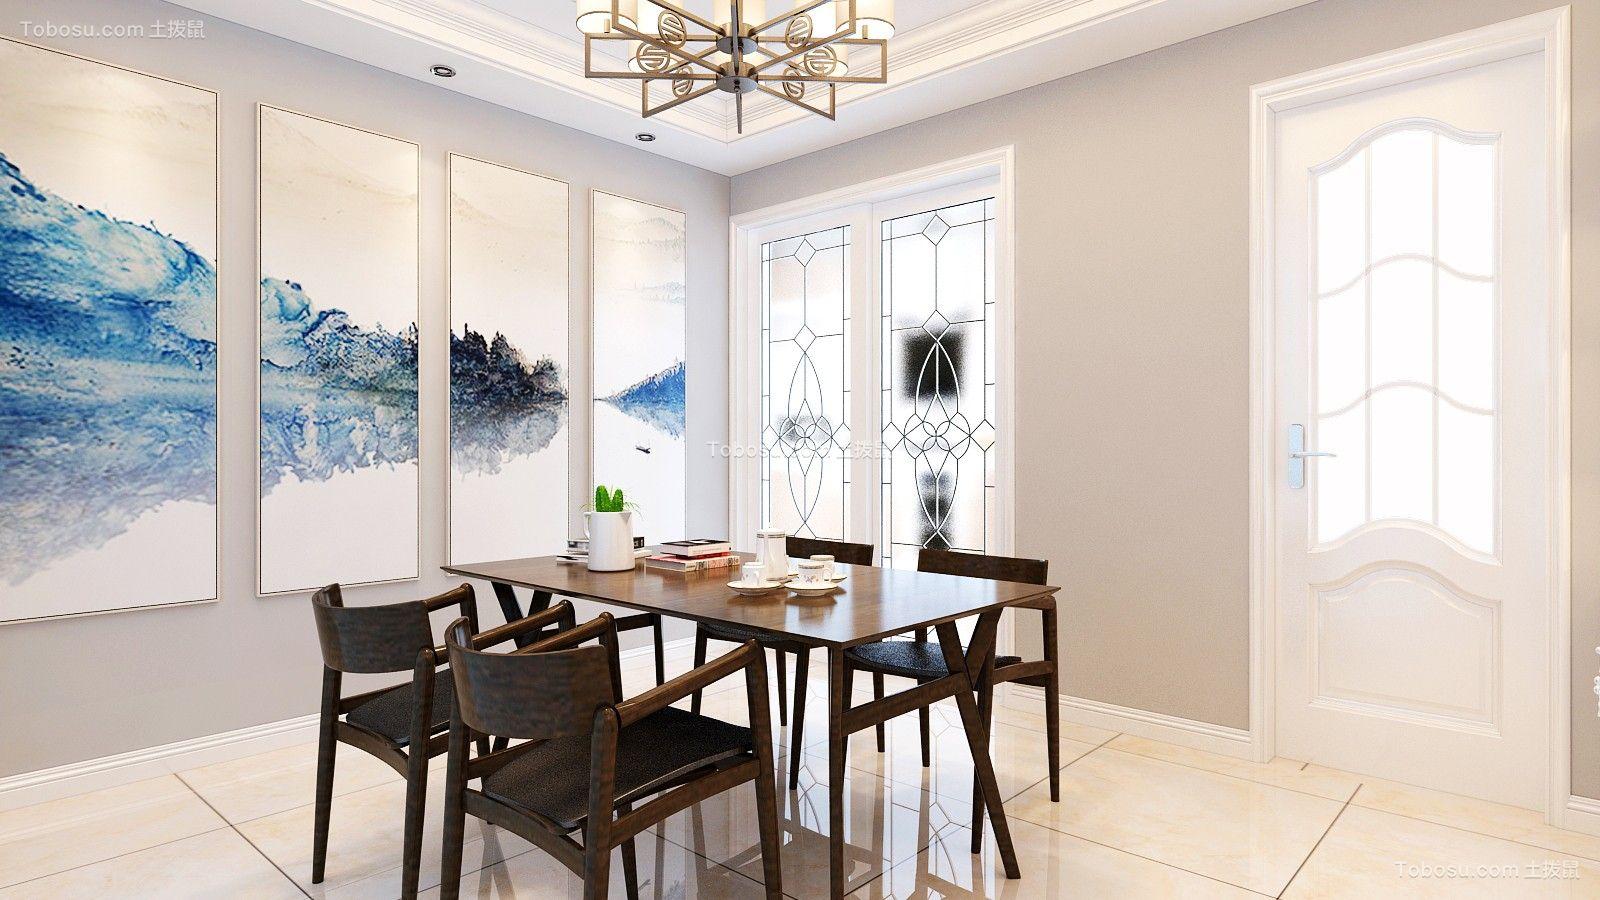 餐厅彩色背景墙简约风格效果图